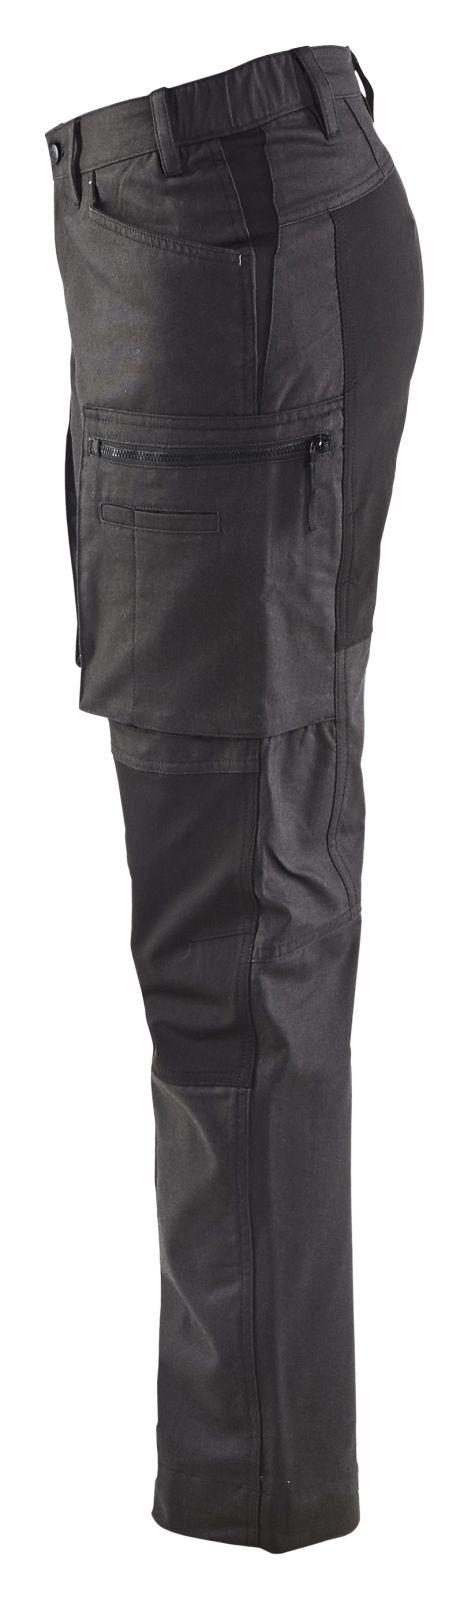 Blaklader Dames werkbroeken 71591146 Stretch donkergrijs-zwart(9899)